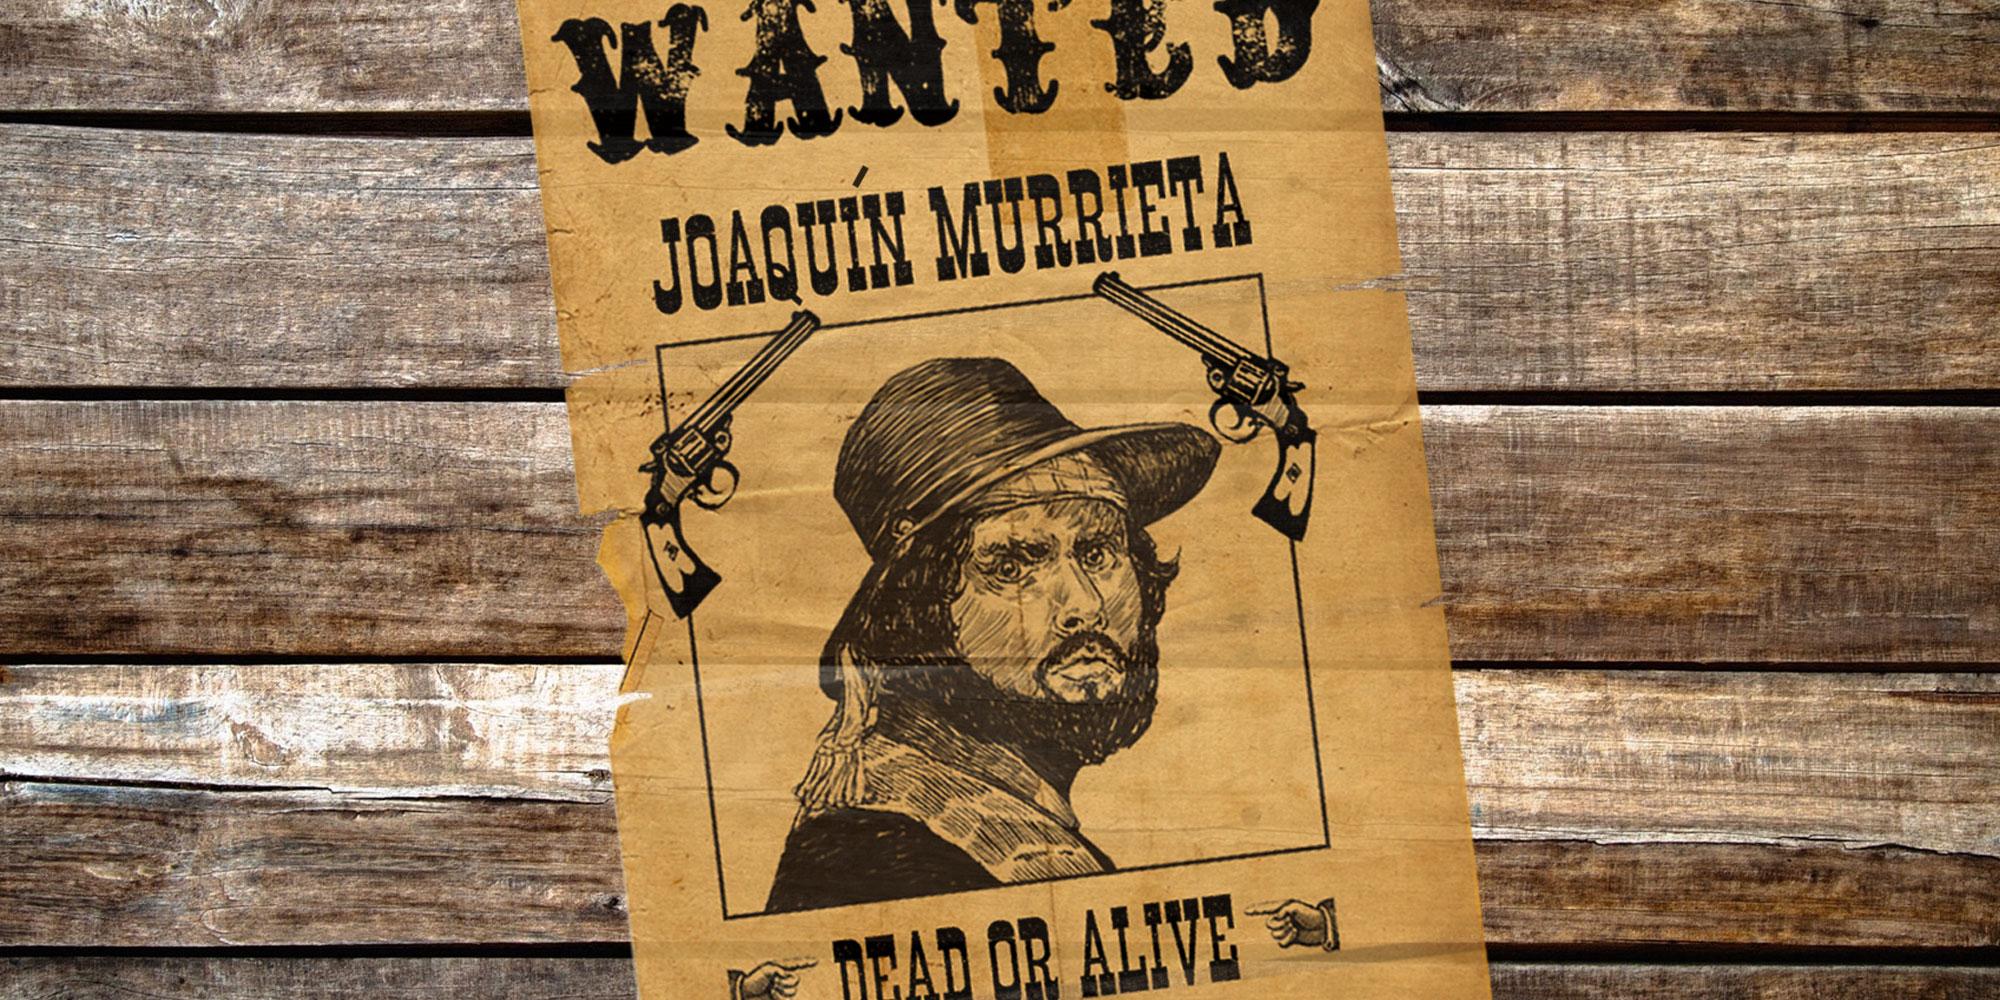 Joaquín Murrieta, El Robin Hood mexicano | Noticieros Televisa